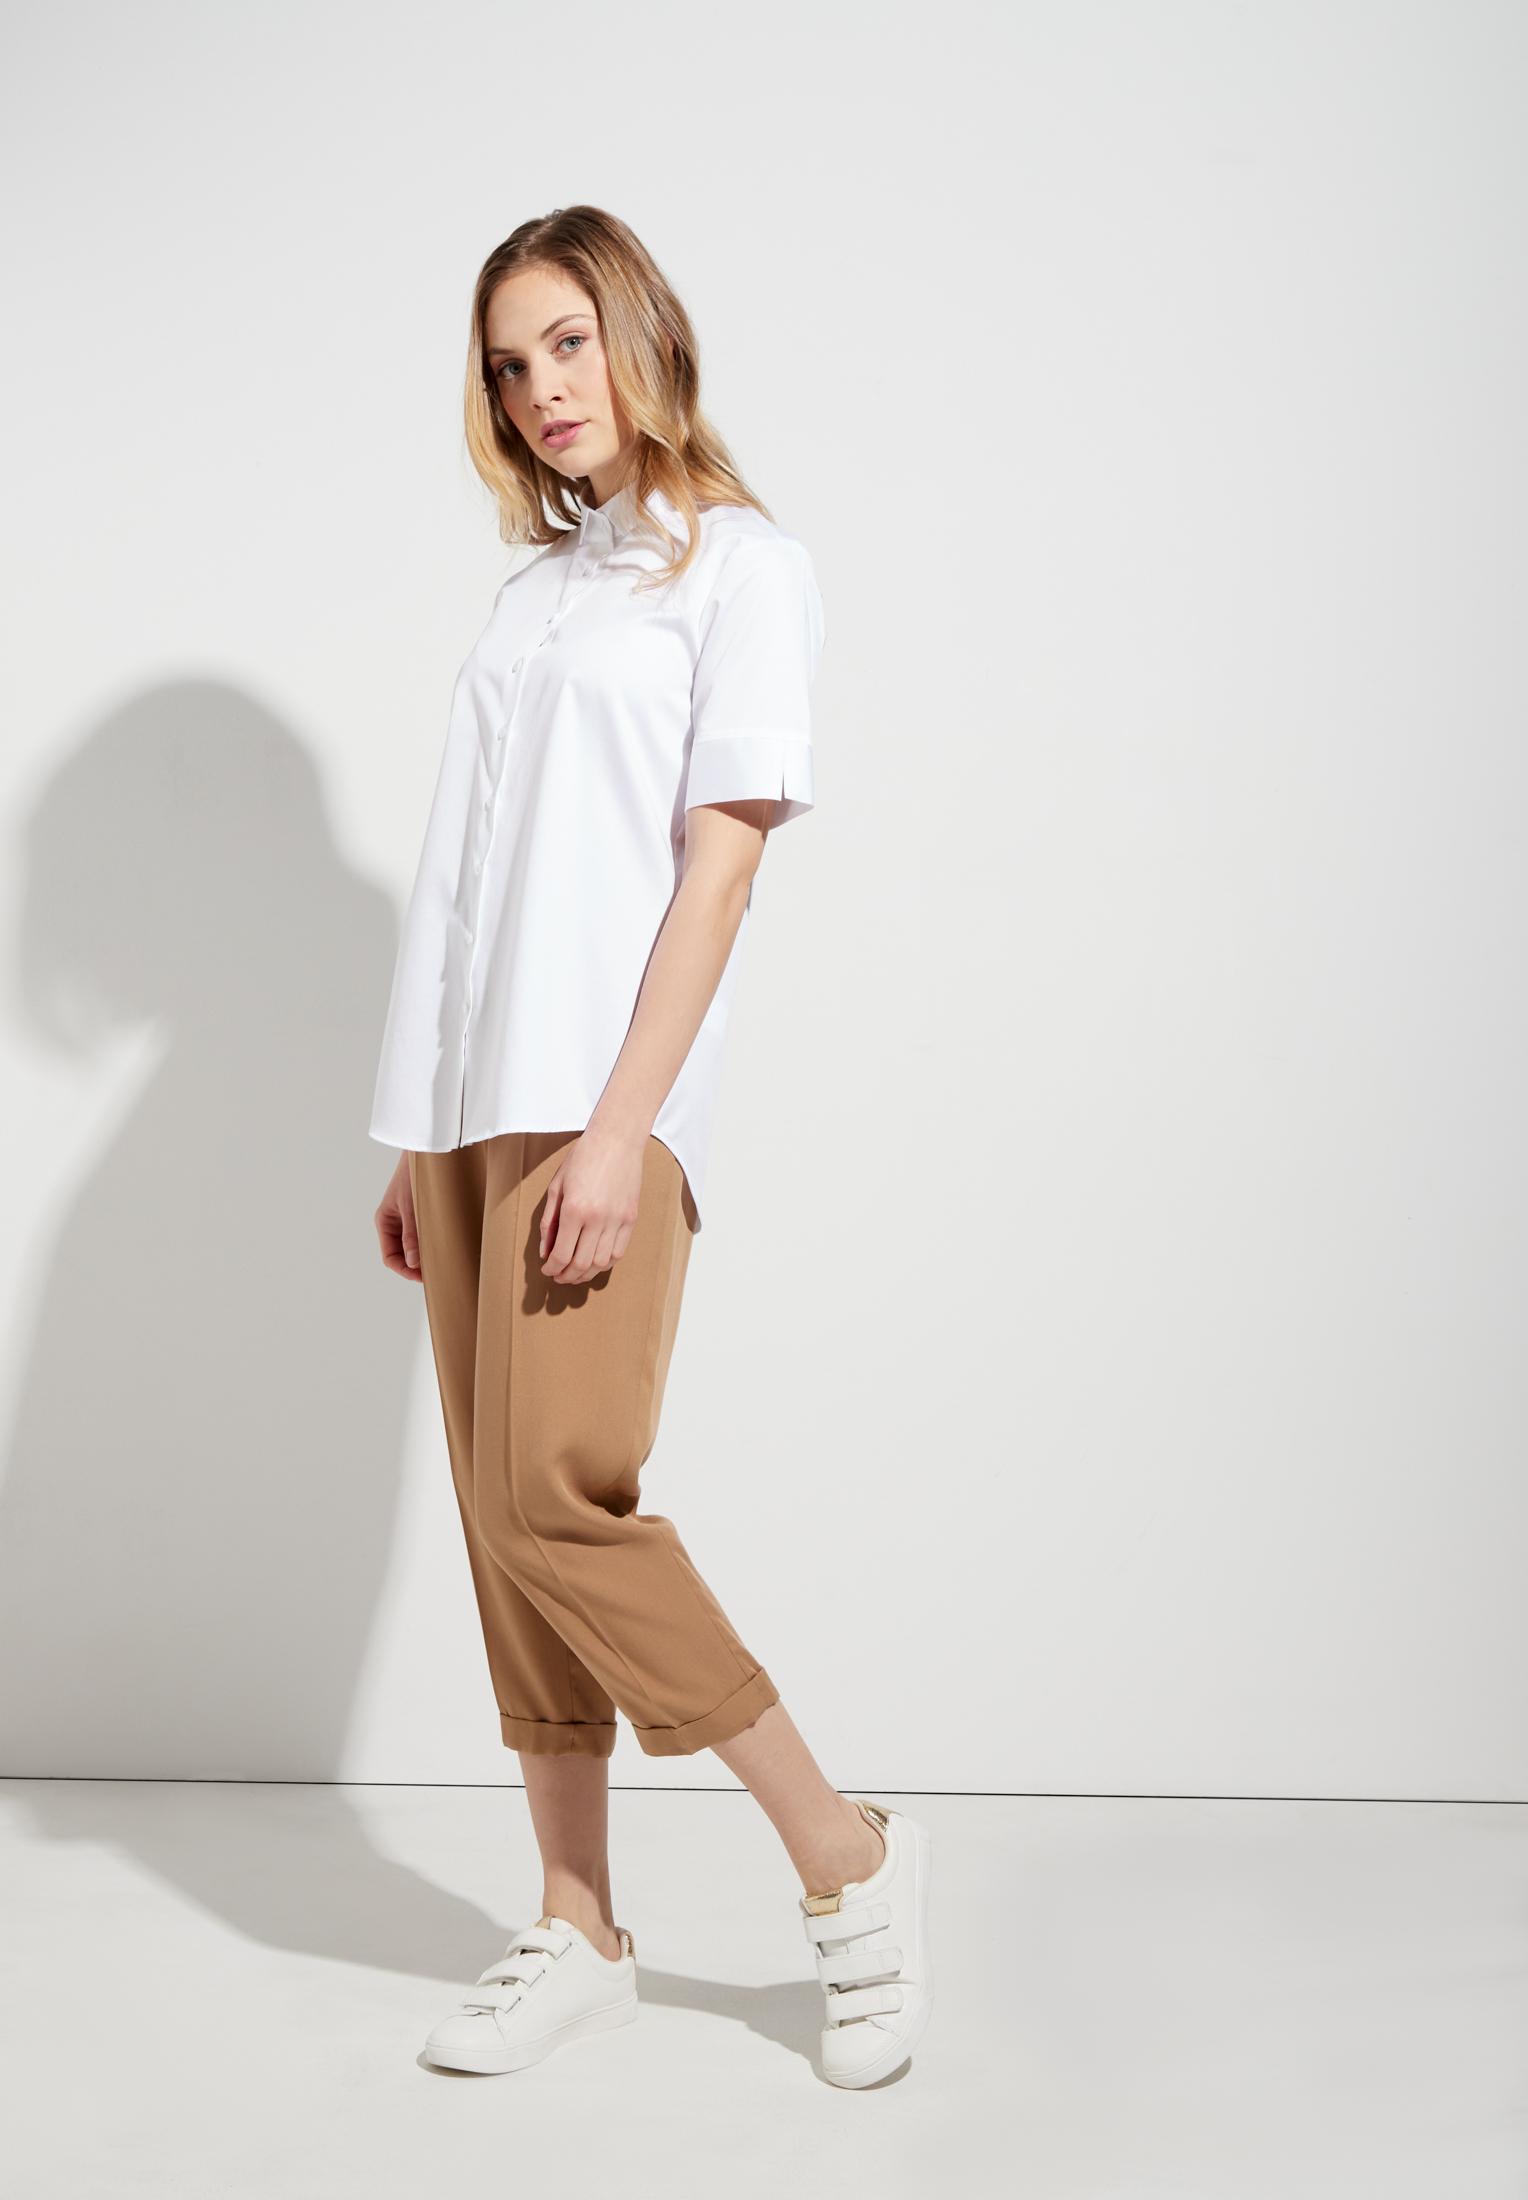 ETERNA 5585 Bluse Baumwolle, weiss